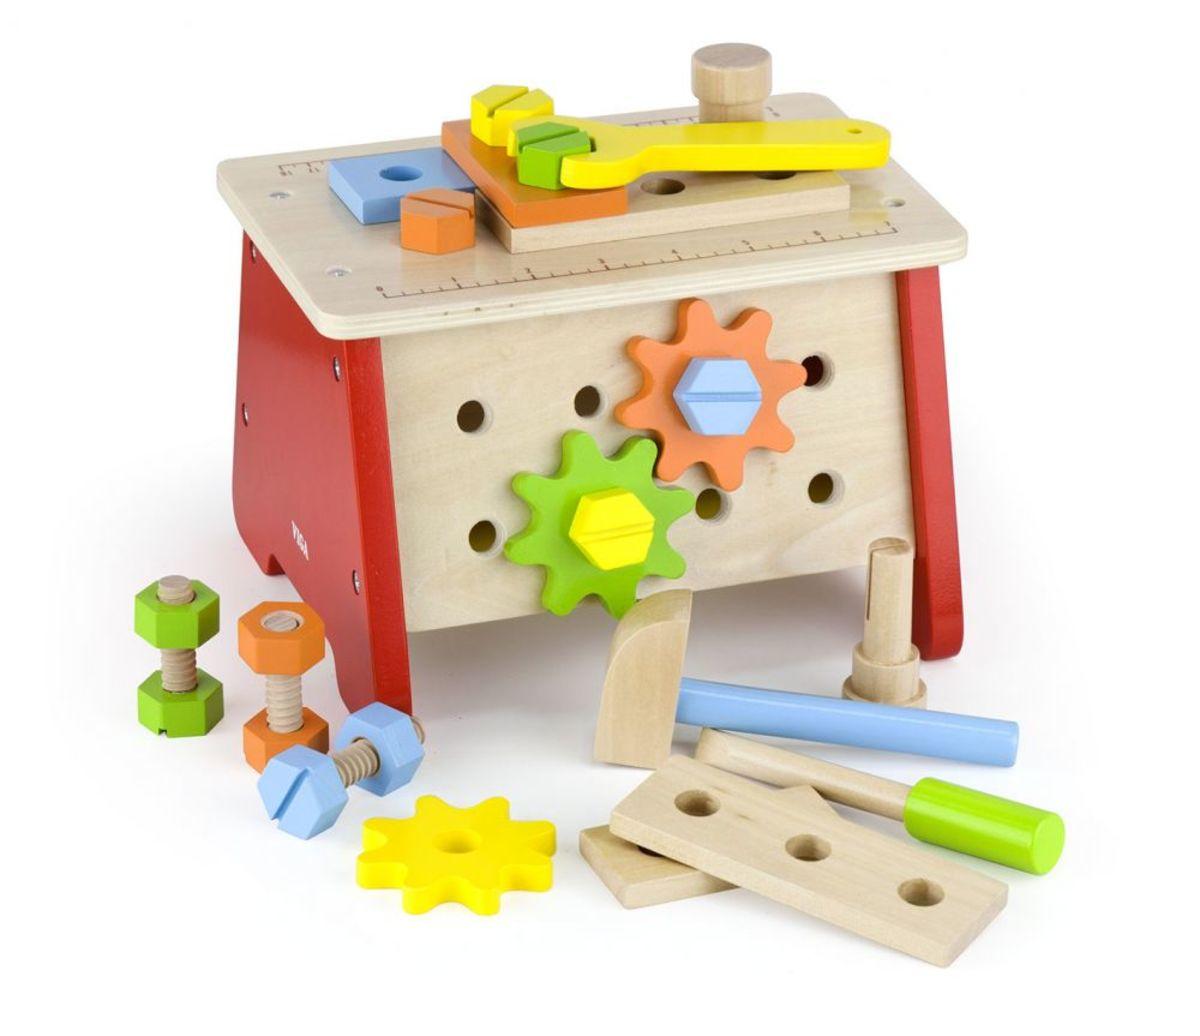 Drevená konštrukčná sada s náradím Wooden tool kit